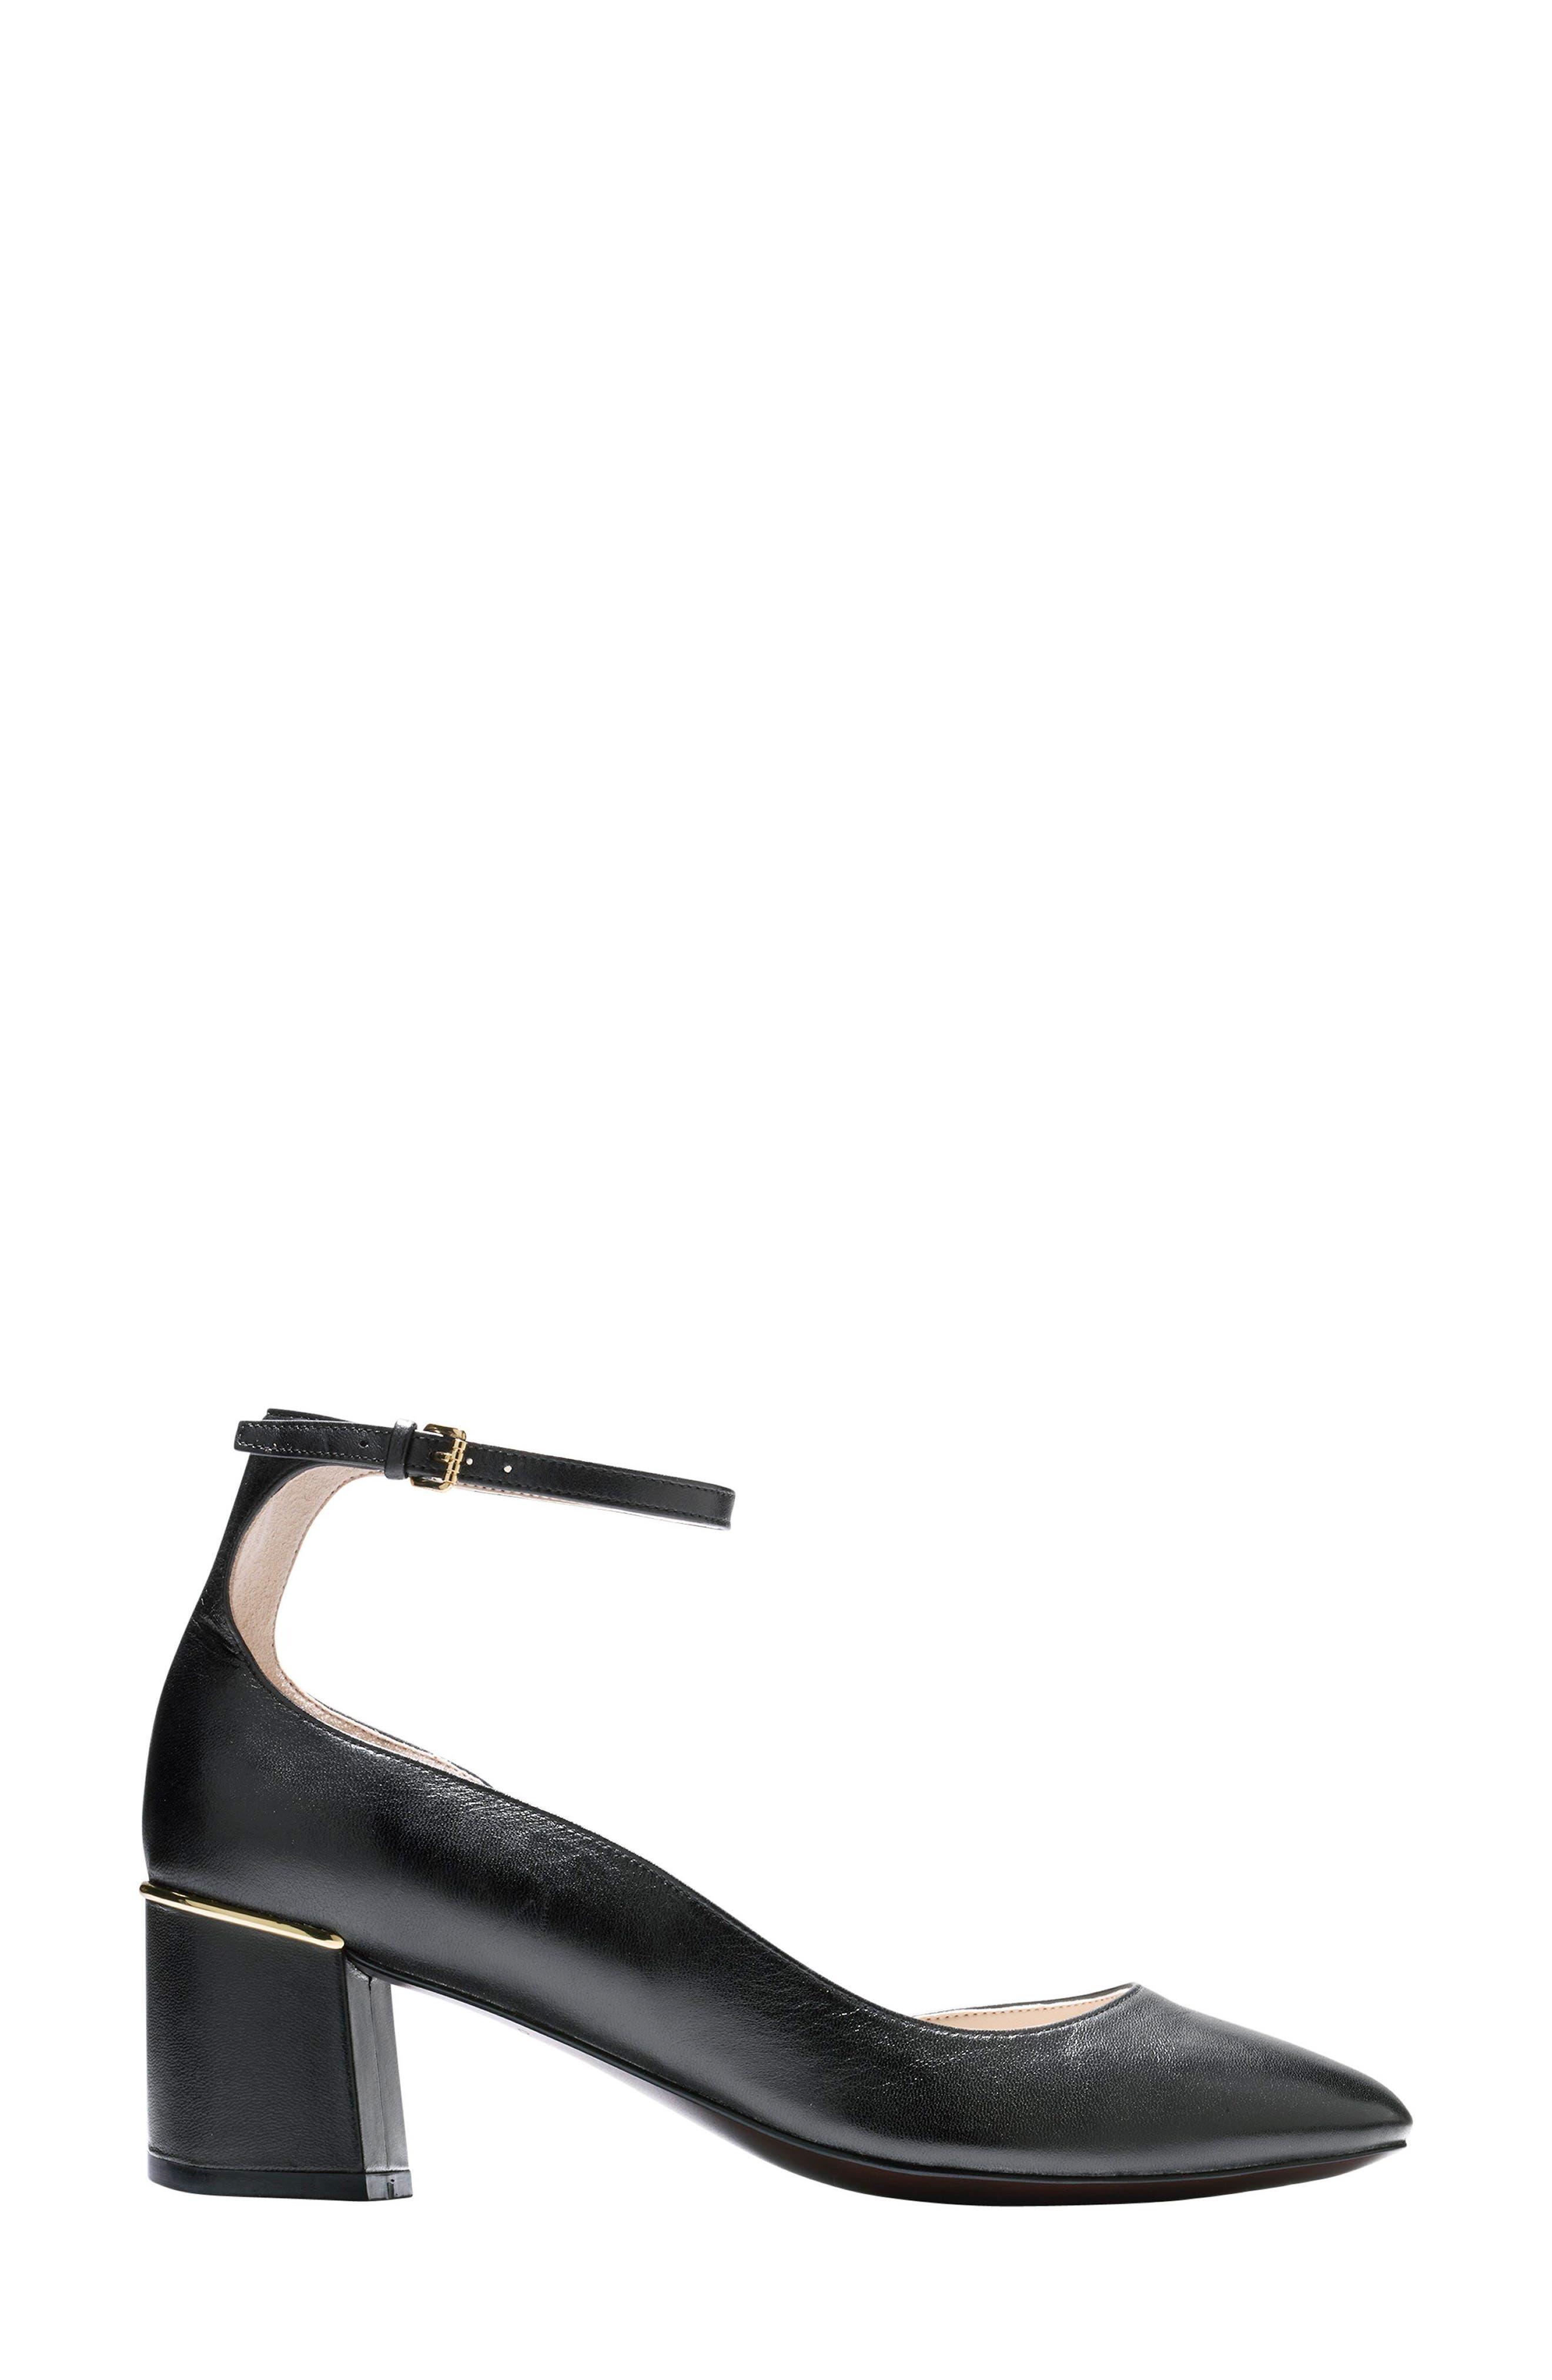 Warner Ankle Strap Pump,                             Alternate thumbnail 3, color,                             Black Leather